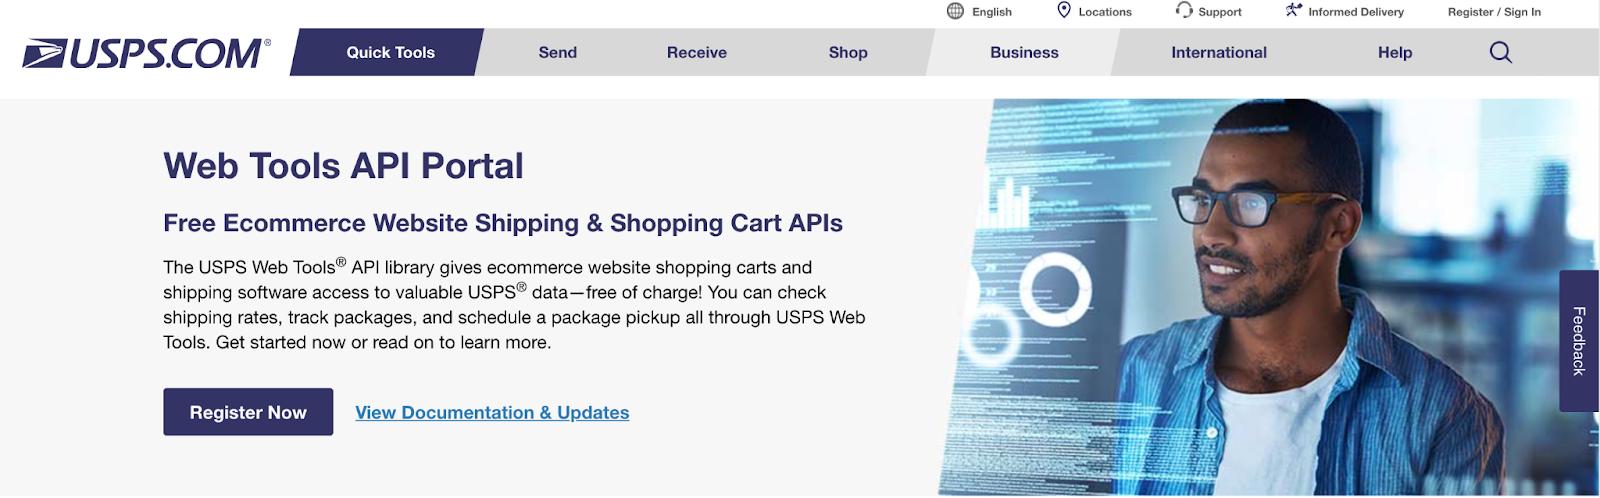 USPS screenshot